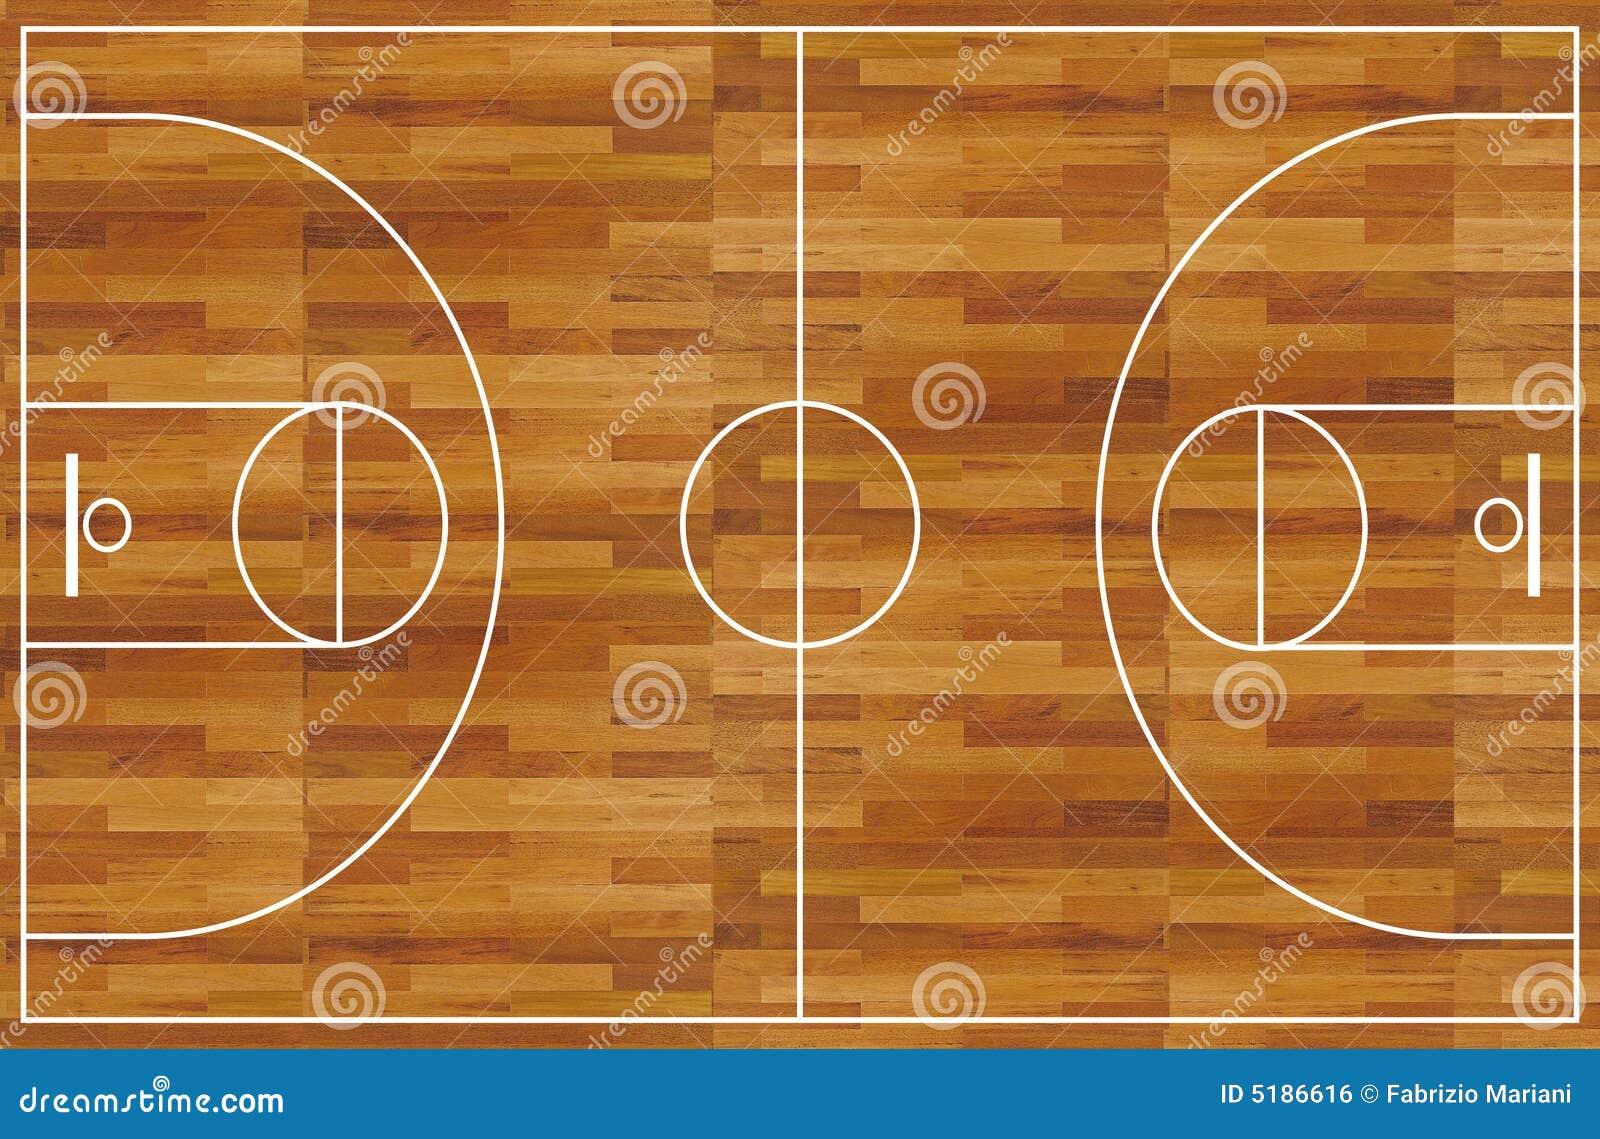 terrain de basket illustration stock illustration du isolement 5186616. Black Bedroom Furniture Sets. Home Design Ideas